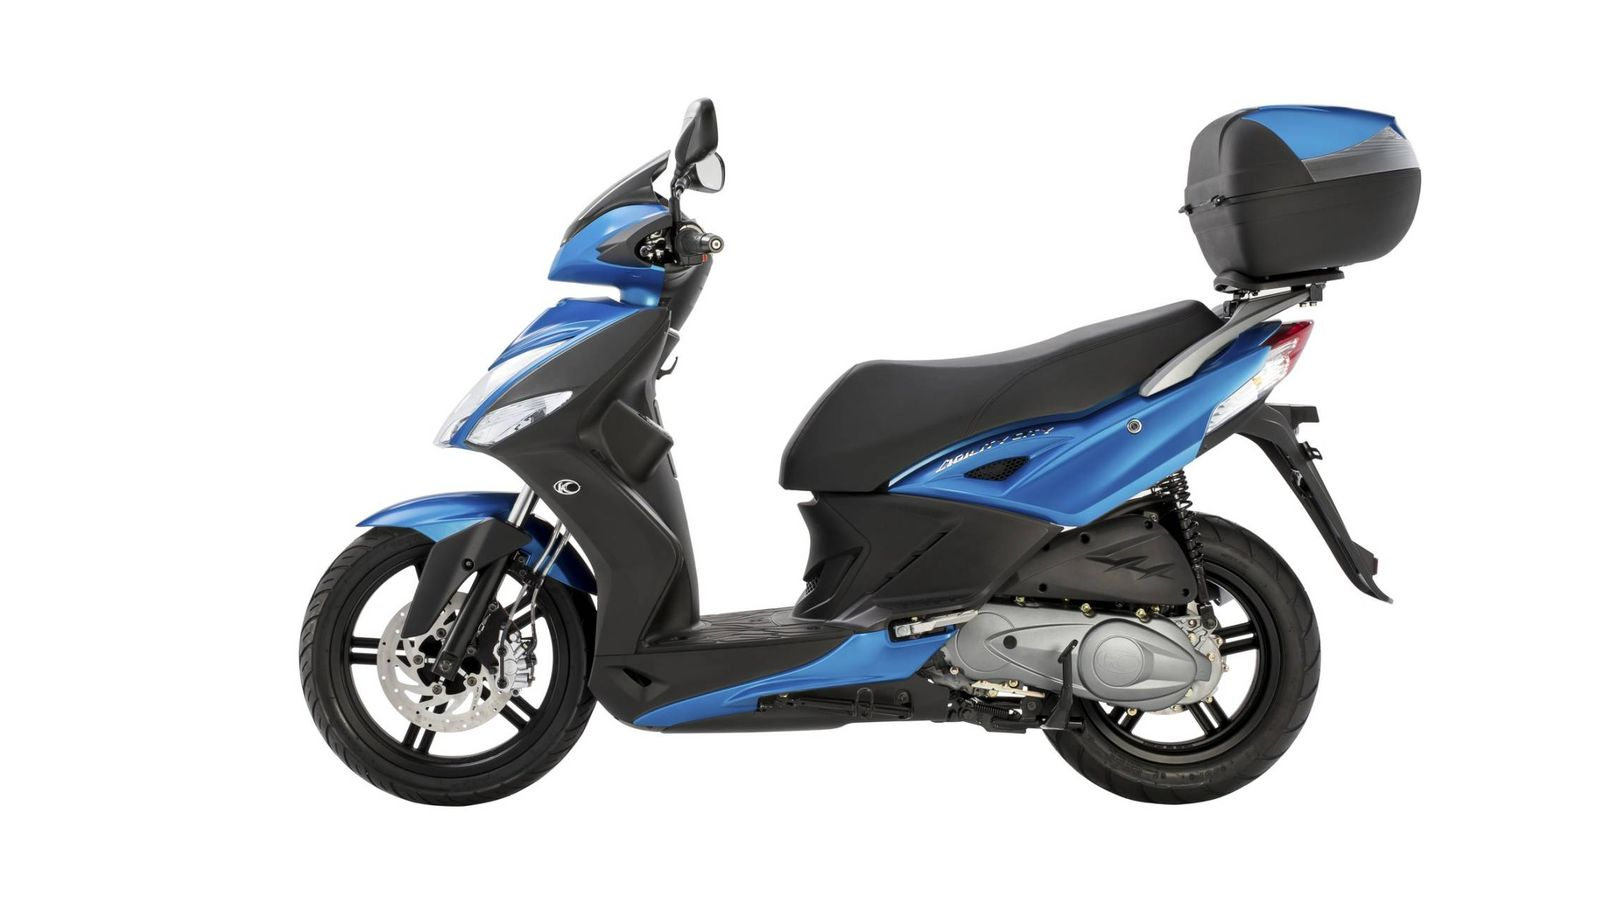 nueva kymco agility city el scooter de rueda alta de referencia noticias de motor. Black Bedroom Furniture Sets. Home Design Ideas